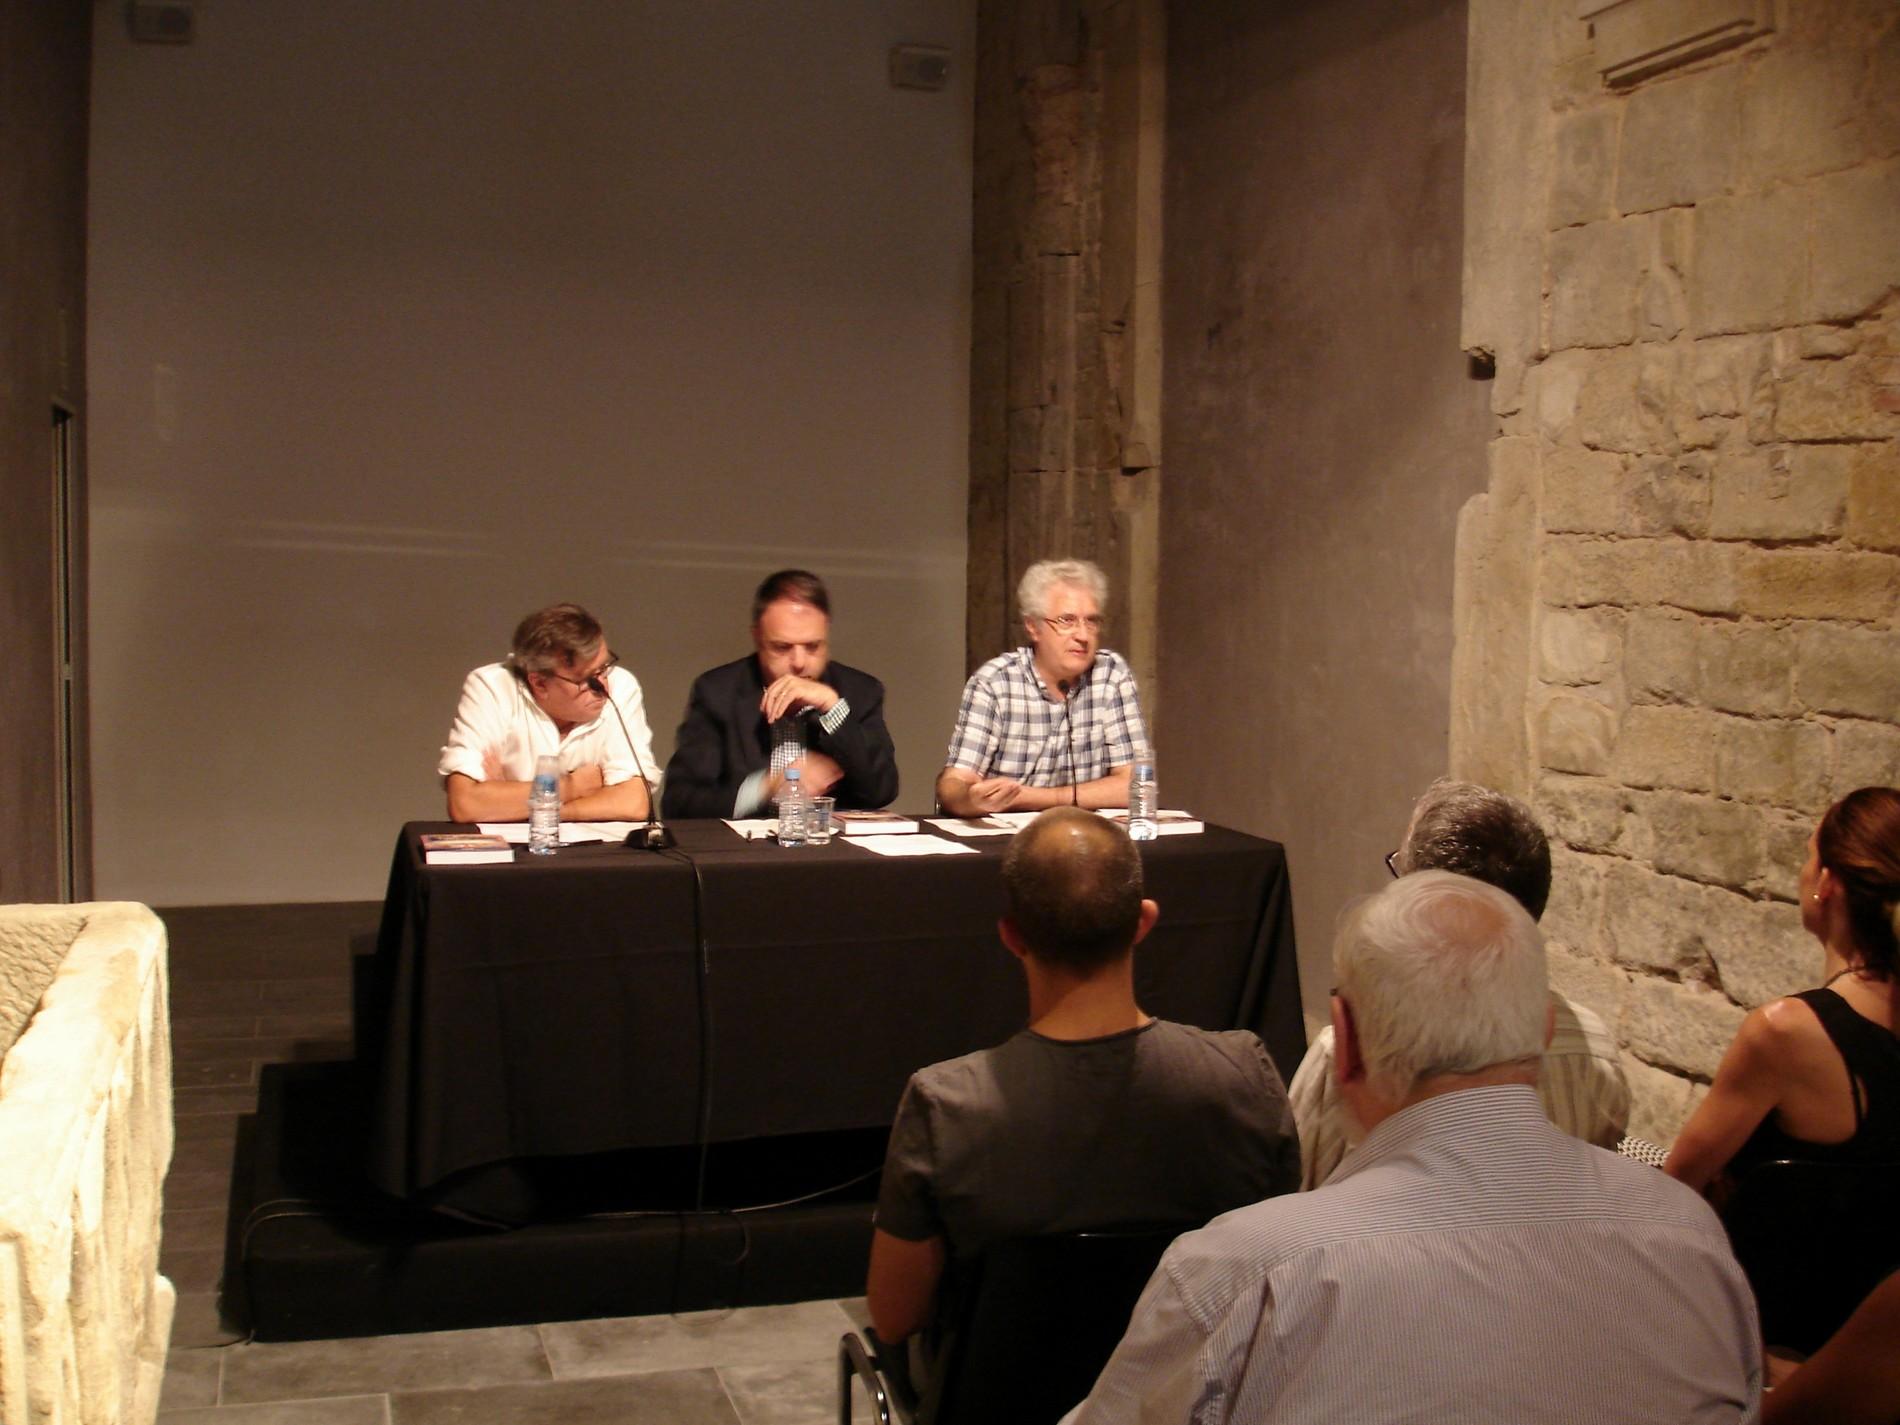 Presentació del llibre a l'Espai 1522. Fotografia: Ramon Cornet (CEB)